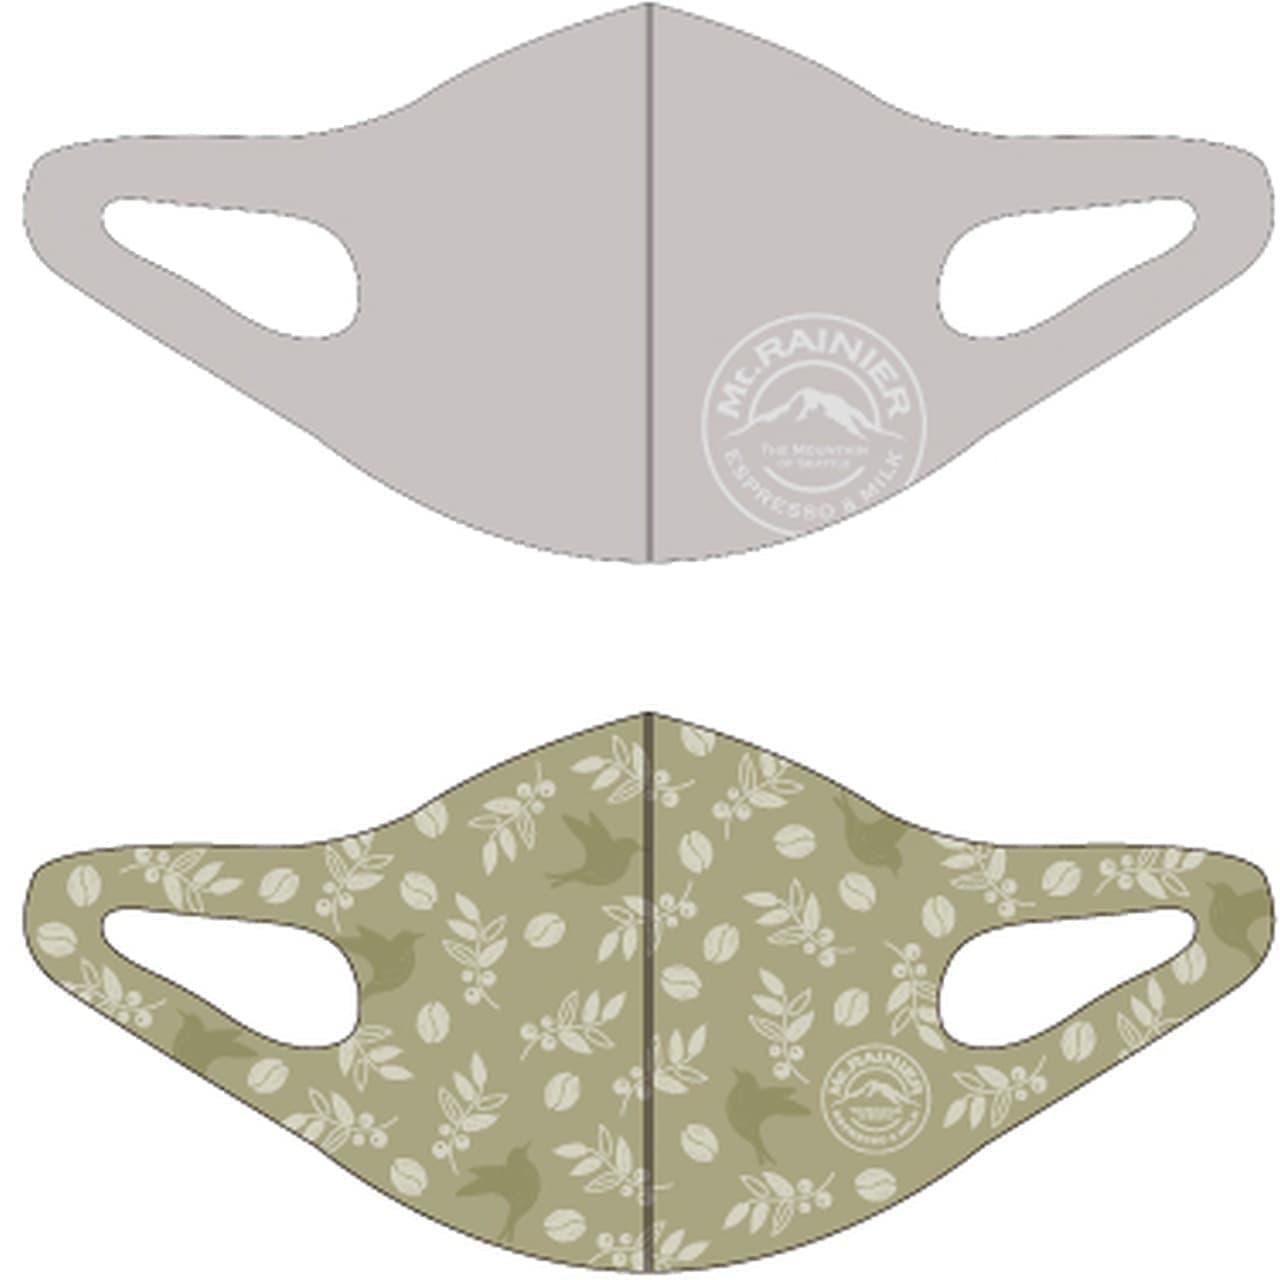 「チロルチョコマスク」や「コアラのマーチマスク」も! - イオングループのコックスが「企業コラボマスク」Part2の予約を受け付け中